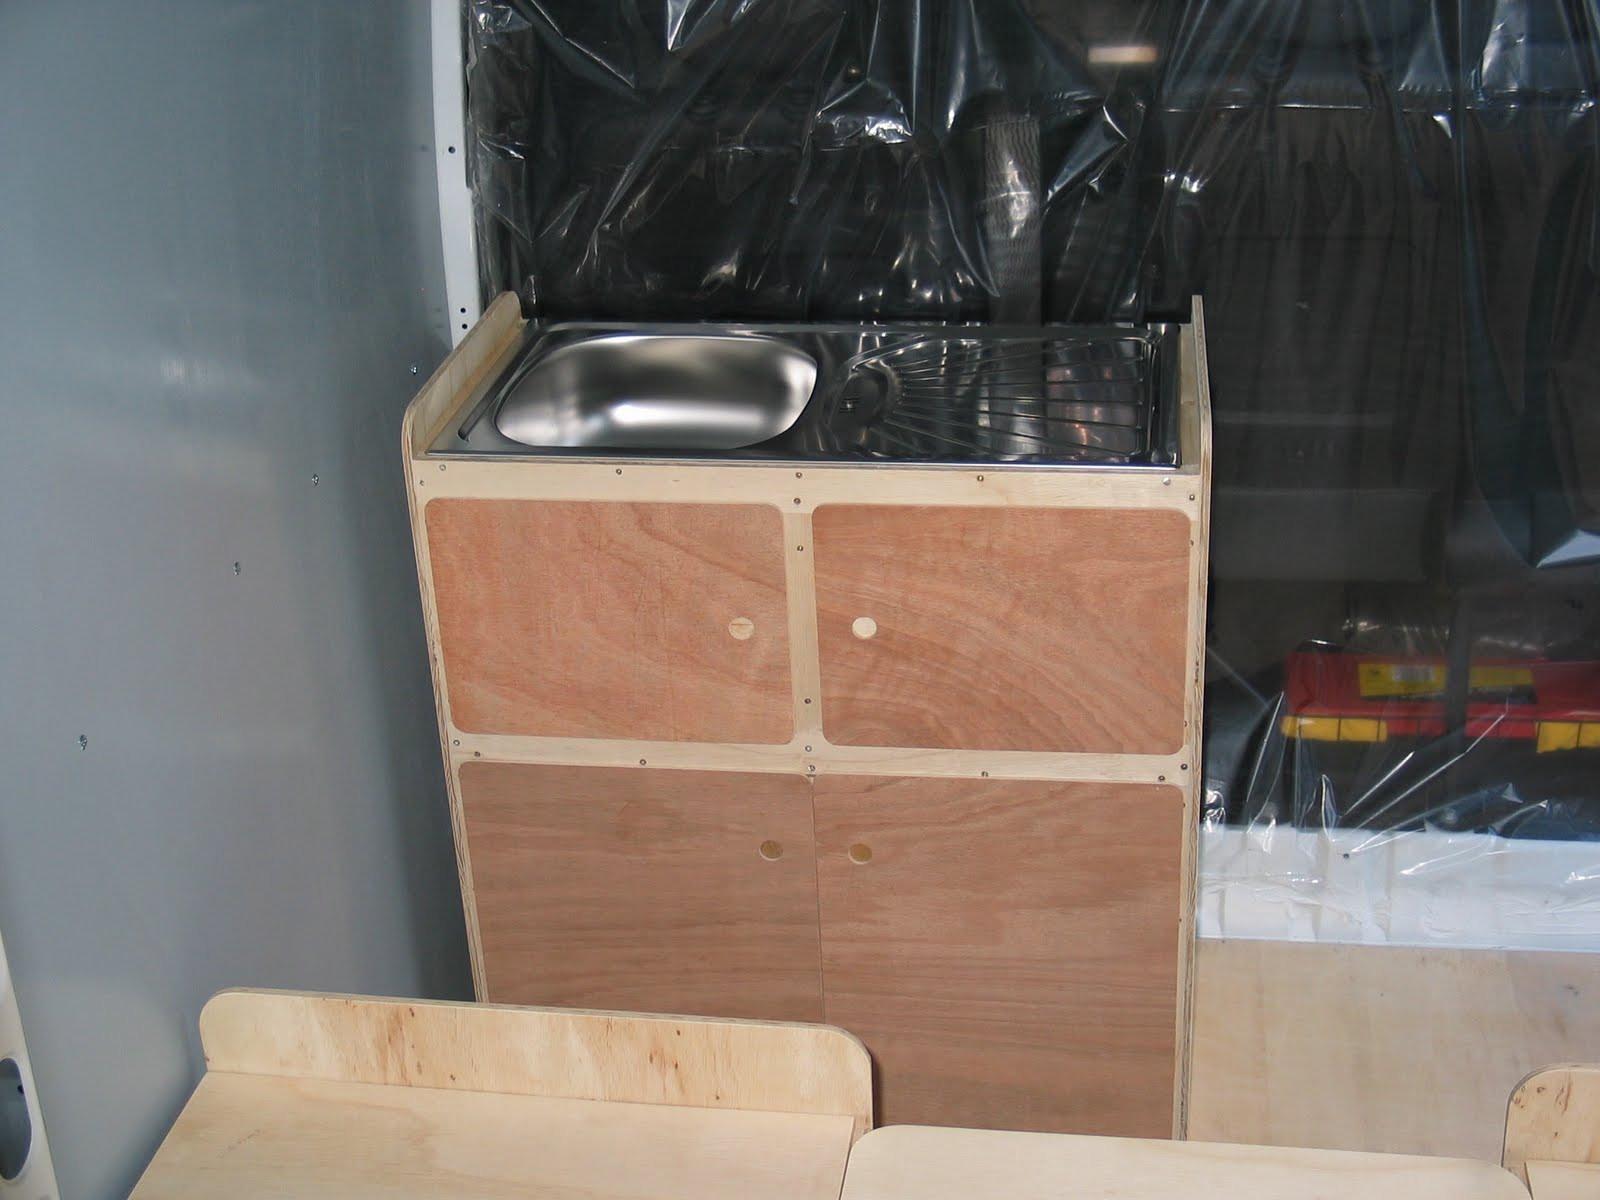 Fabriquer Meuble Salle De Bain Pas Cher Frais Images Chaise Meuble Salle De Bain Lavabo 32 D Angle Fabriquer Un 2